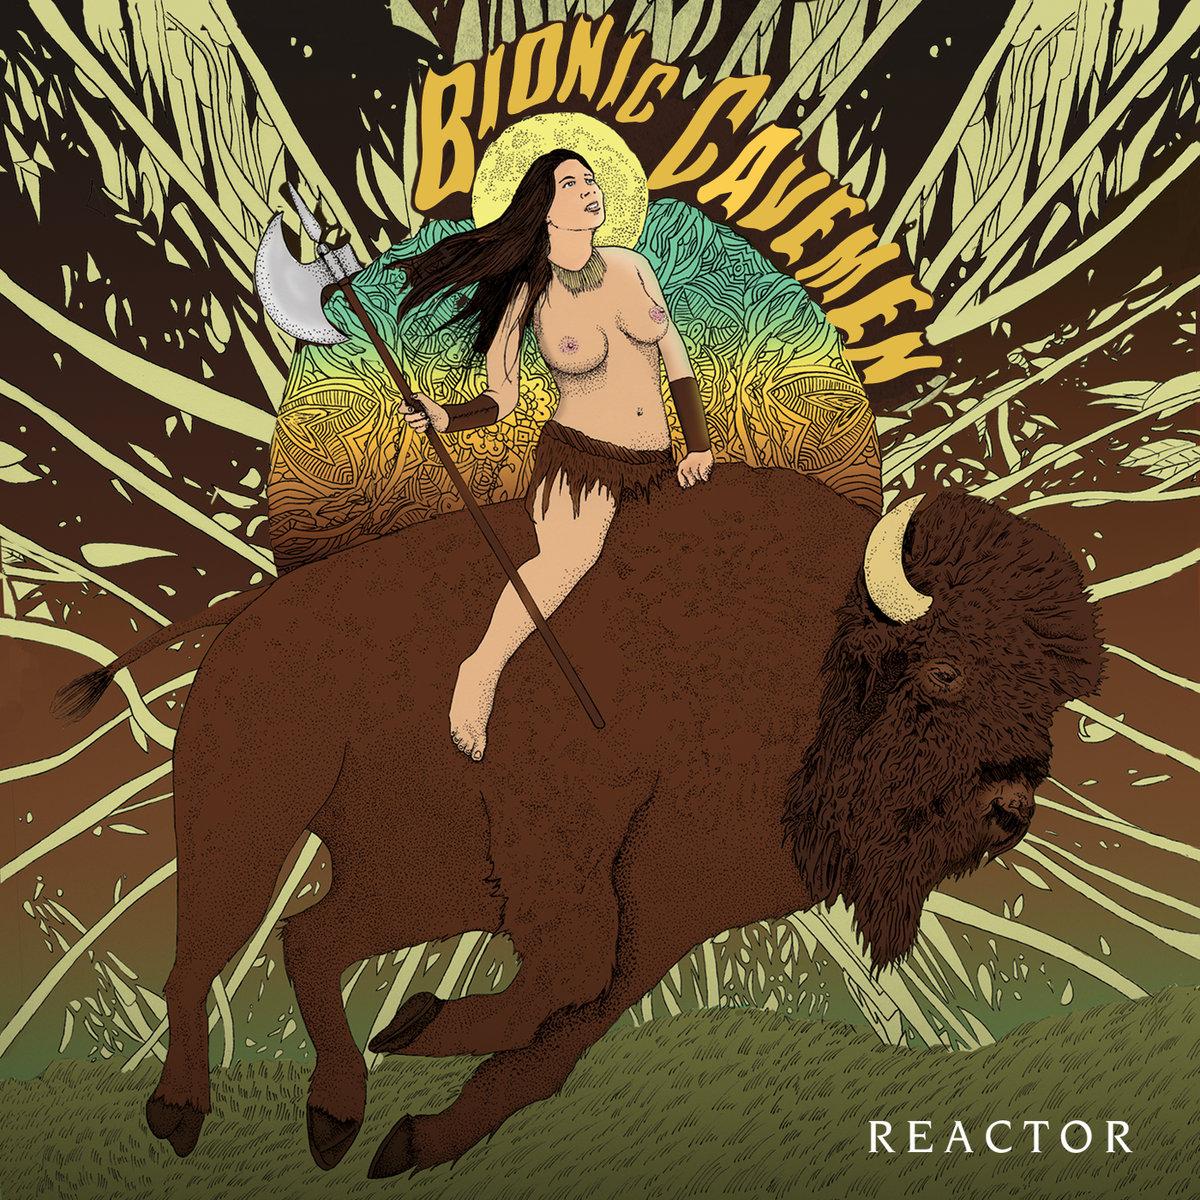 Reactor_Album Cover